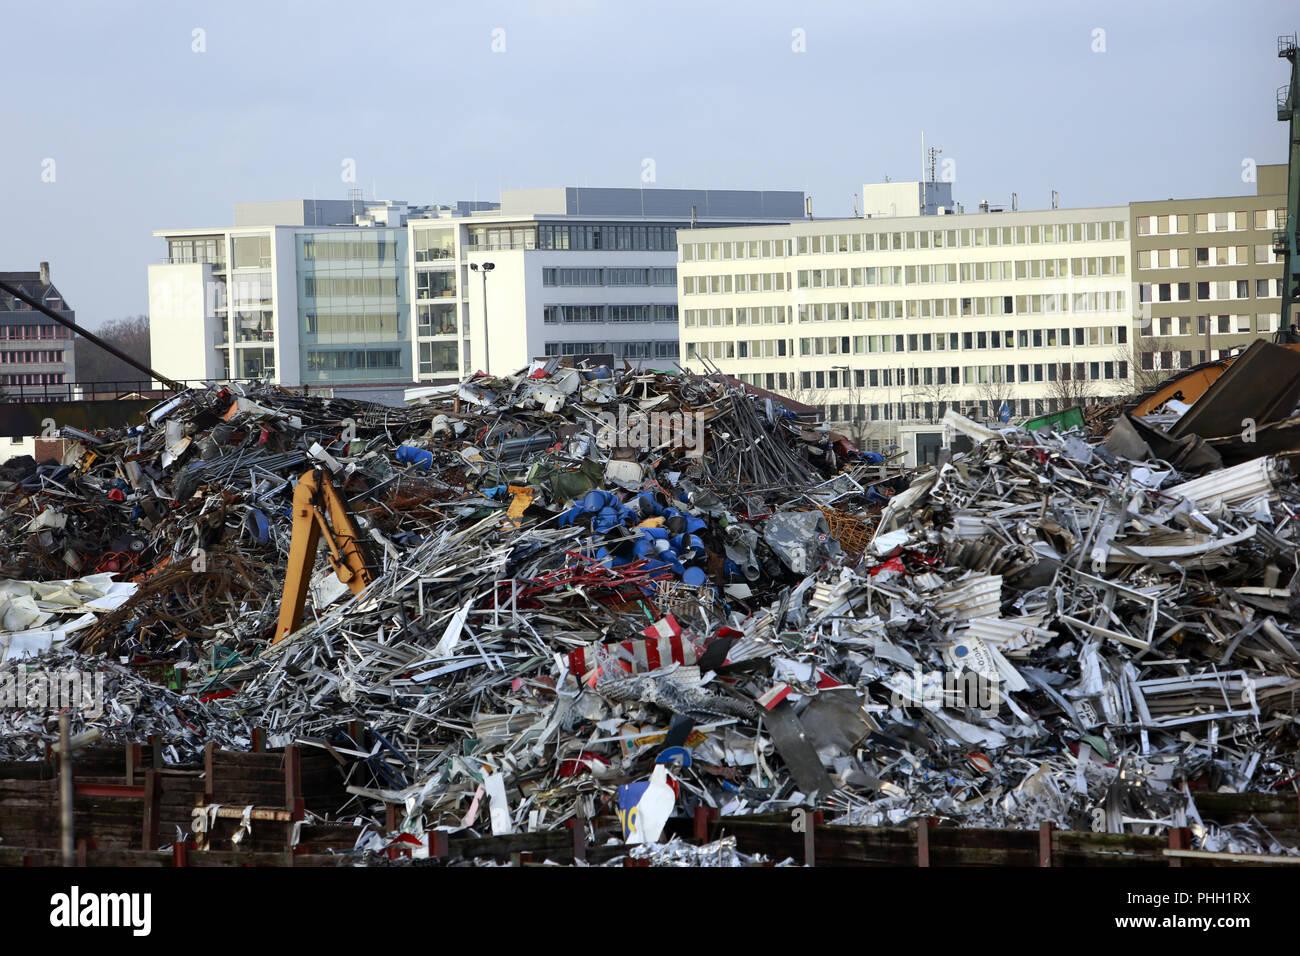 junkyard - Stock Image